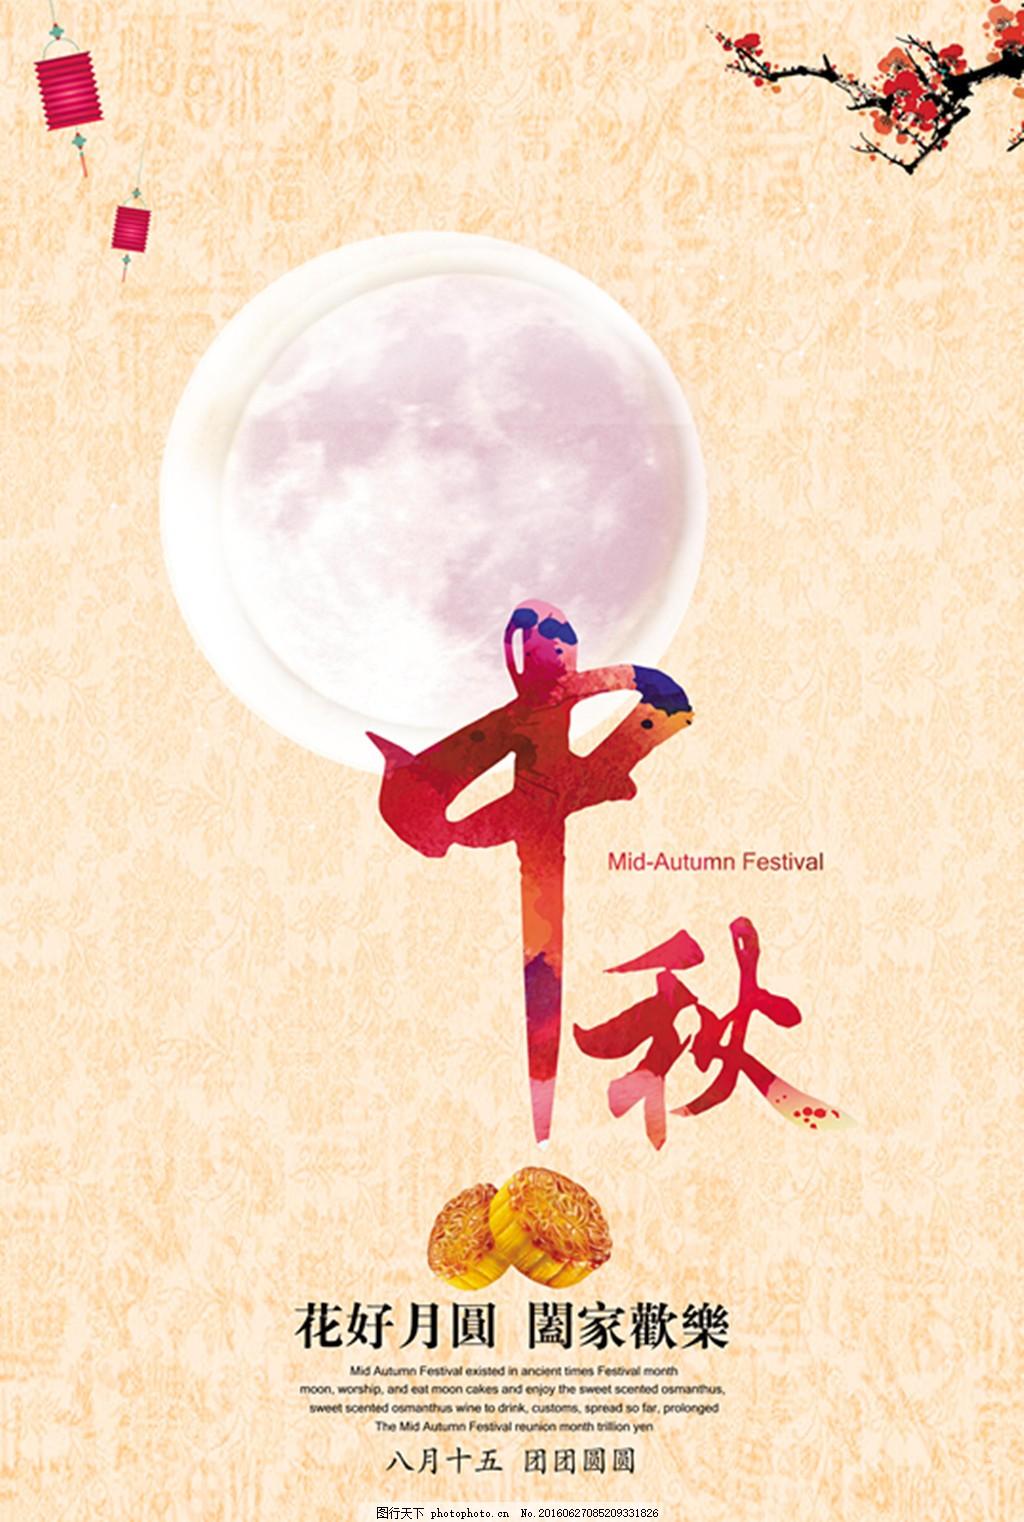 中秋节海报 月亮 中秋节图片 中秋节海报素材 水墨 八月十五 白色